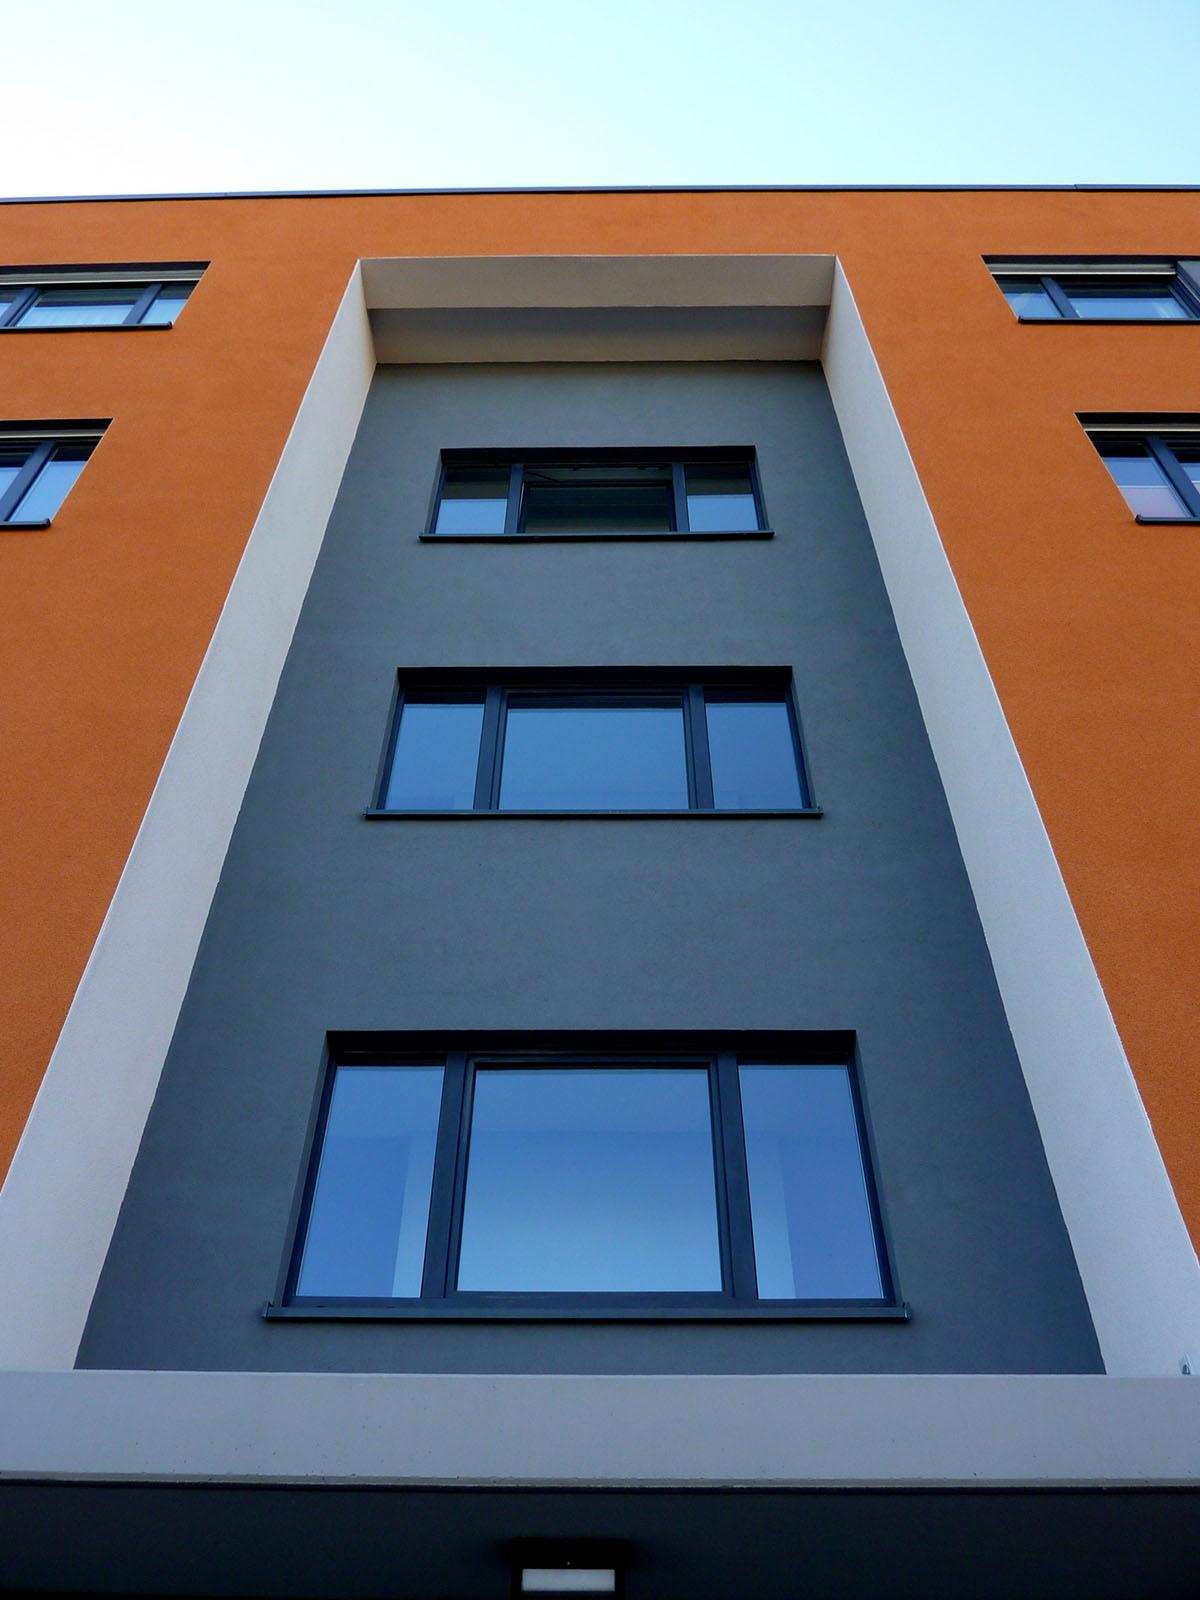 Farben entwerfen fr Architektur Projekte 1  Friedrich